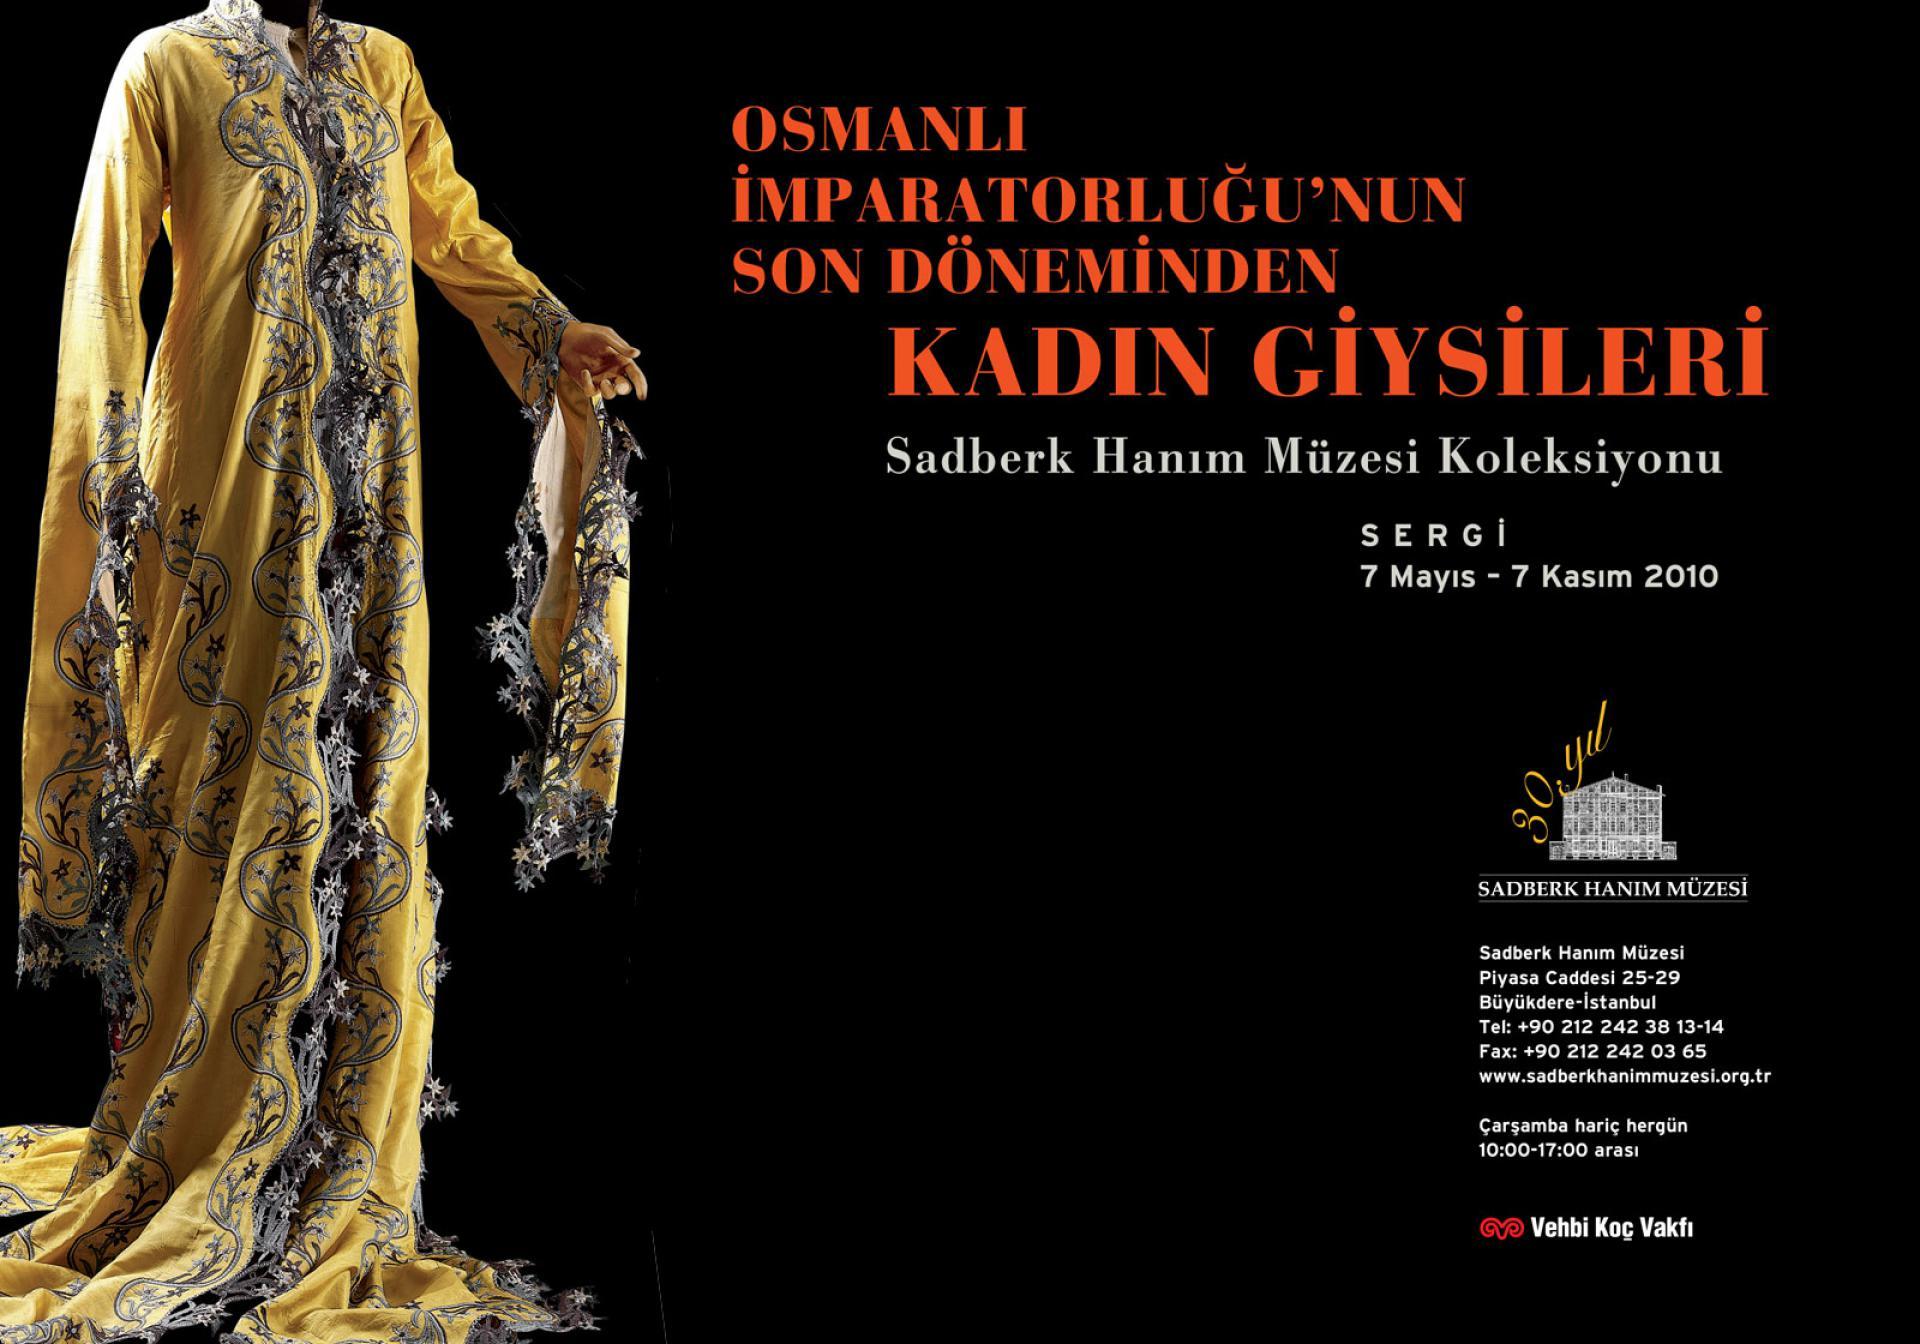 OSMANLI İMPARATORLUĞU'NUN SON DÖNEMİNDEN KADIN GİYSİLERİ Sadberk Hanım Müzesi Koleksiyonu - SERGİLER - Sadberk Hanım Müzesi